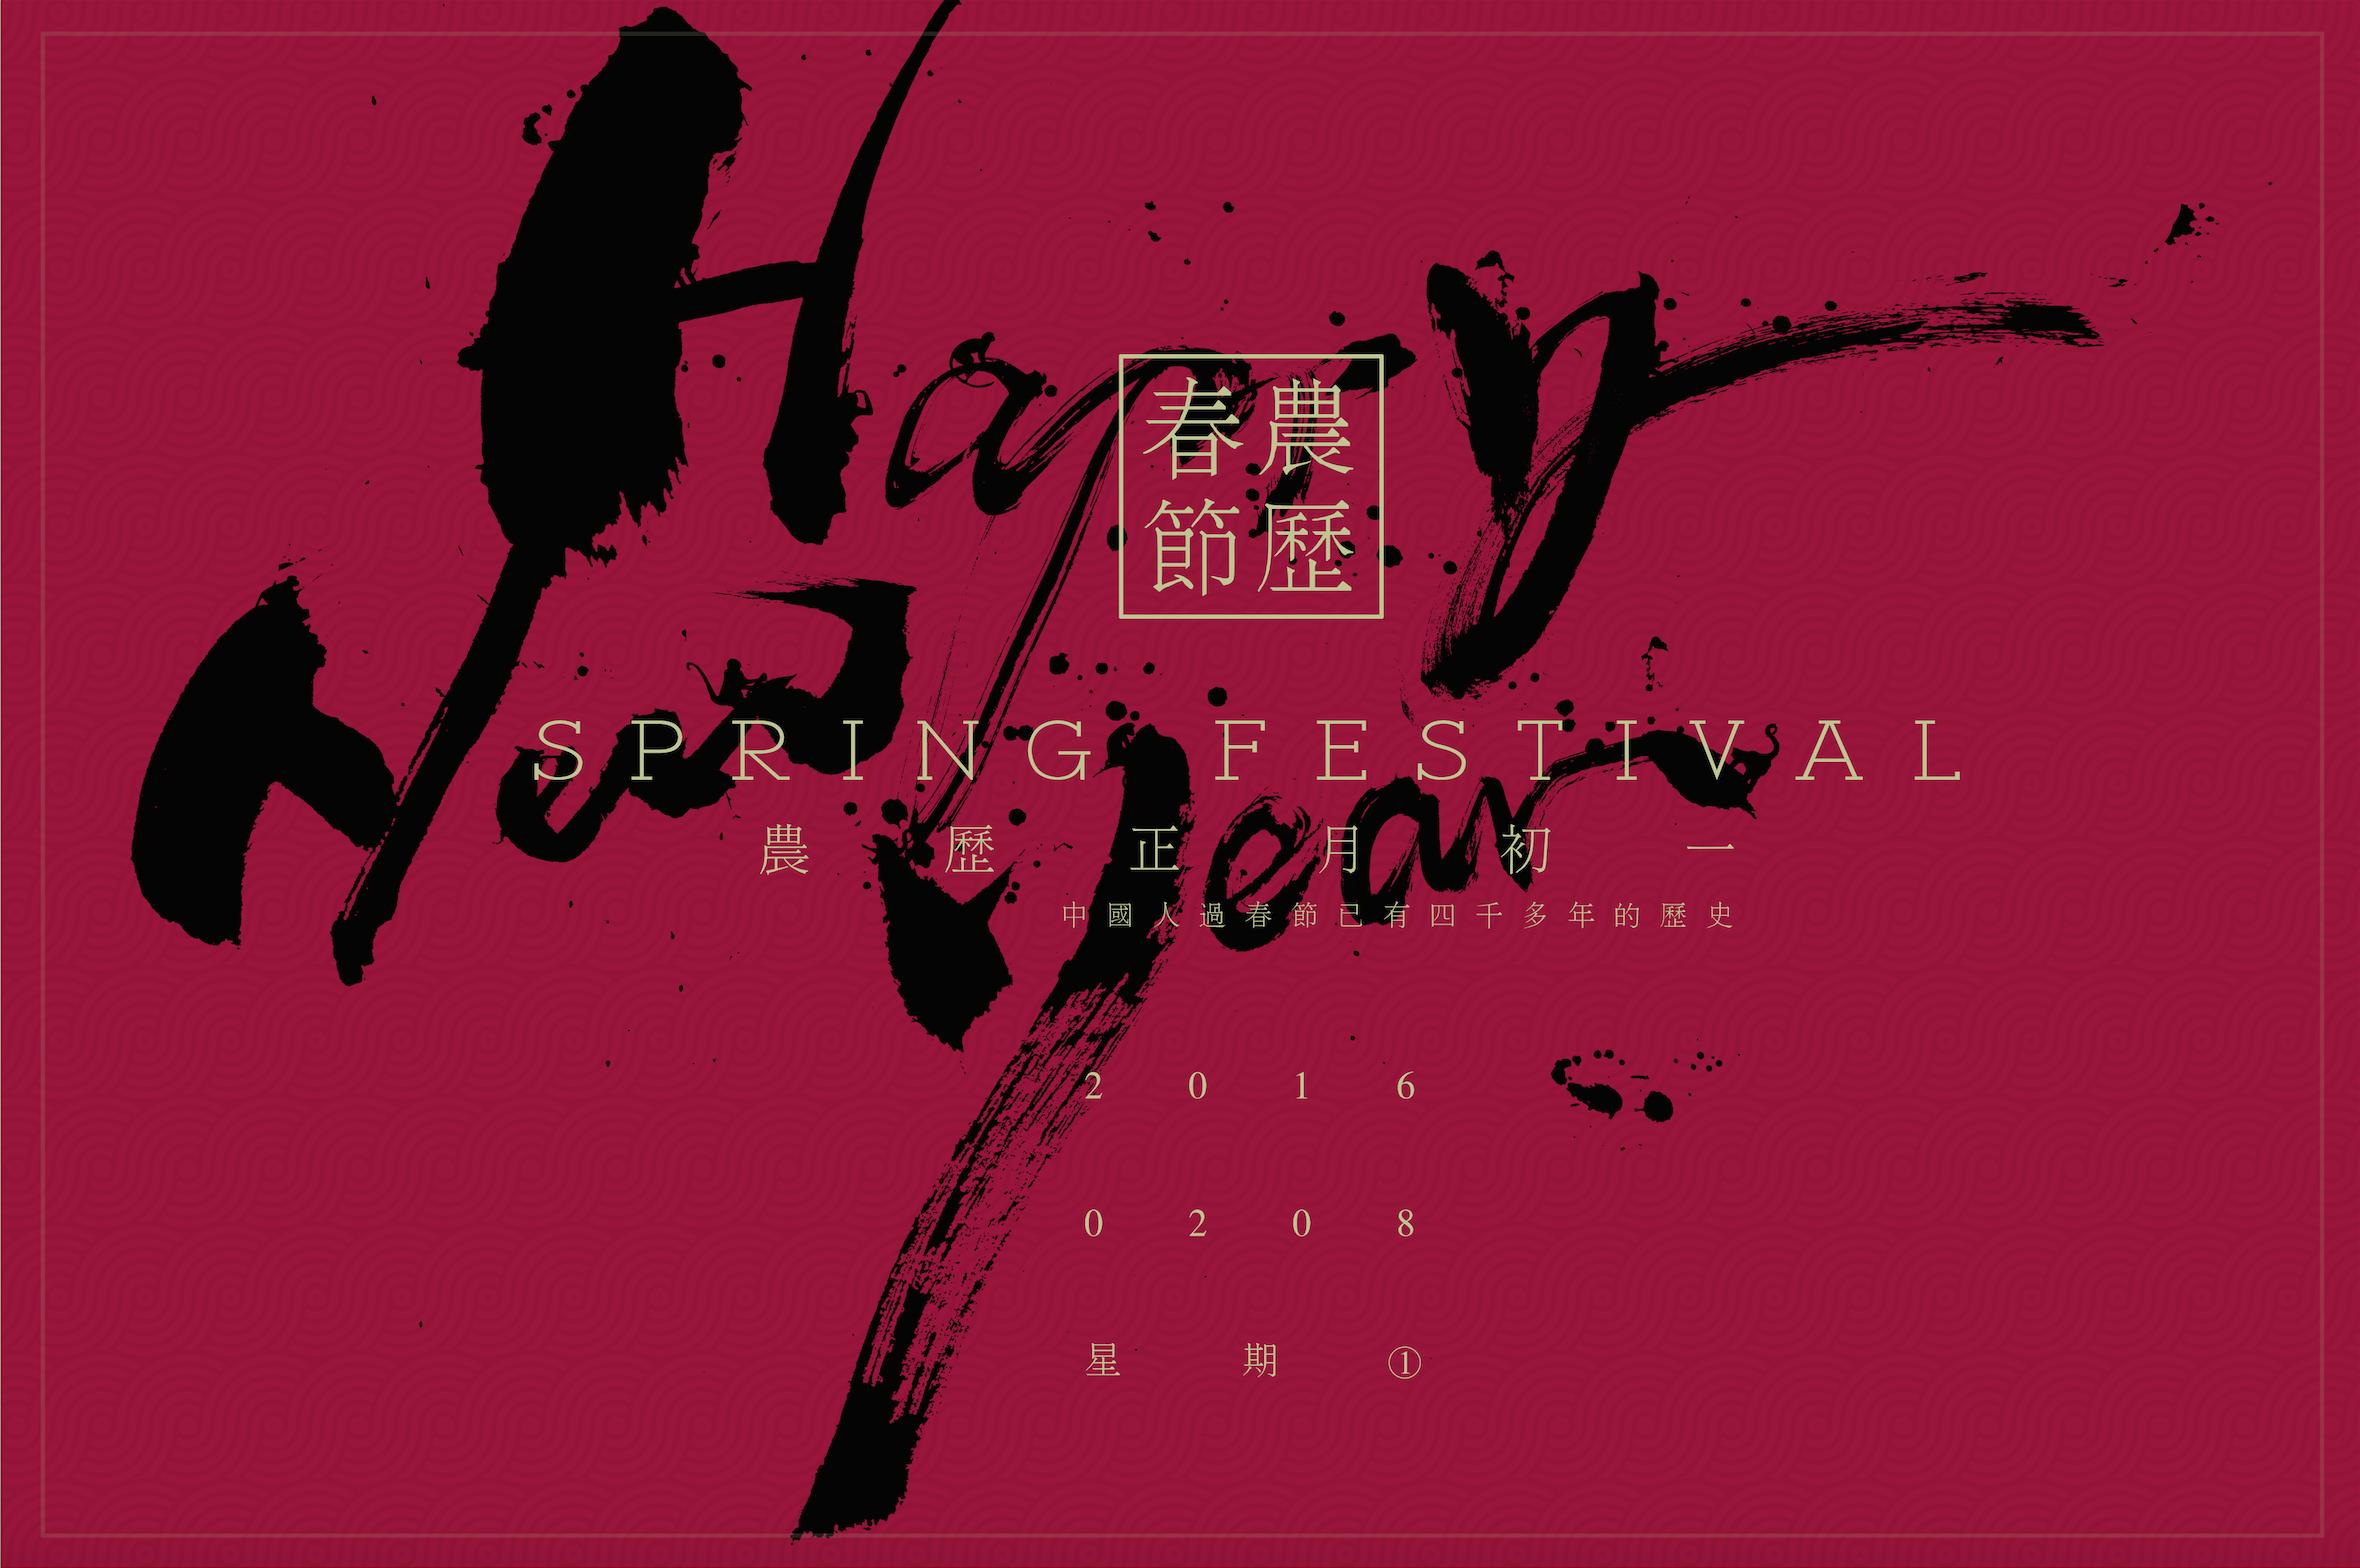 春节英文海报图片手绘